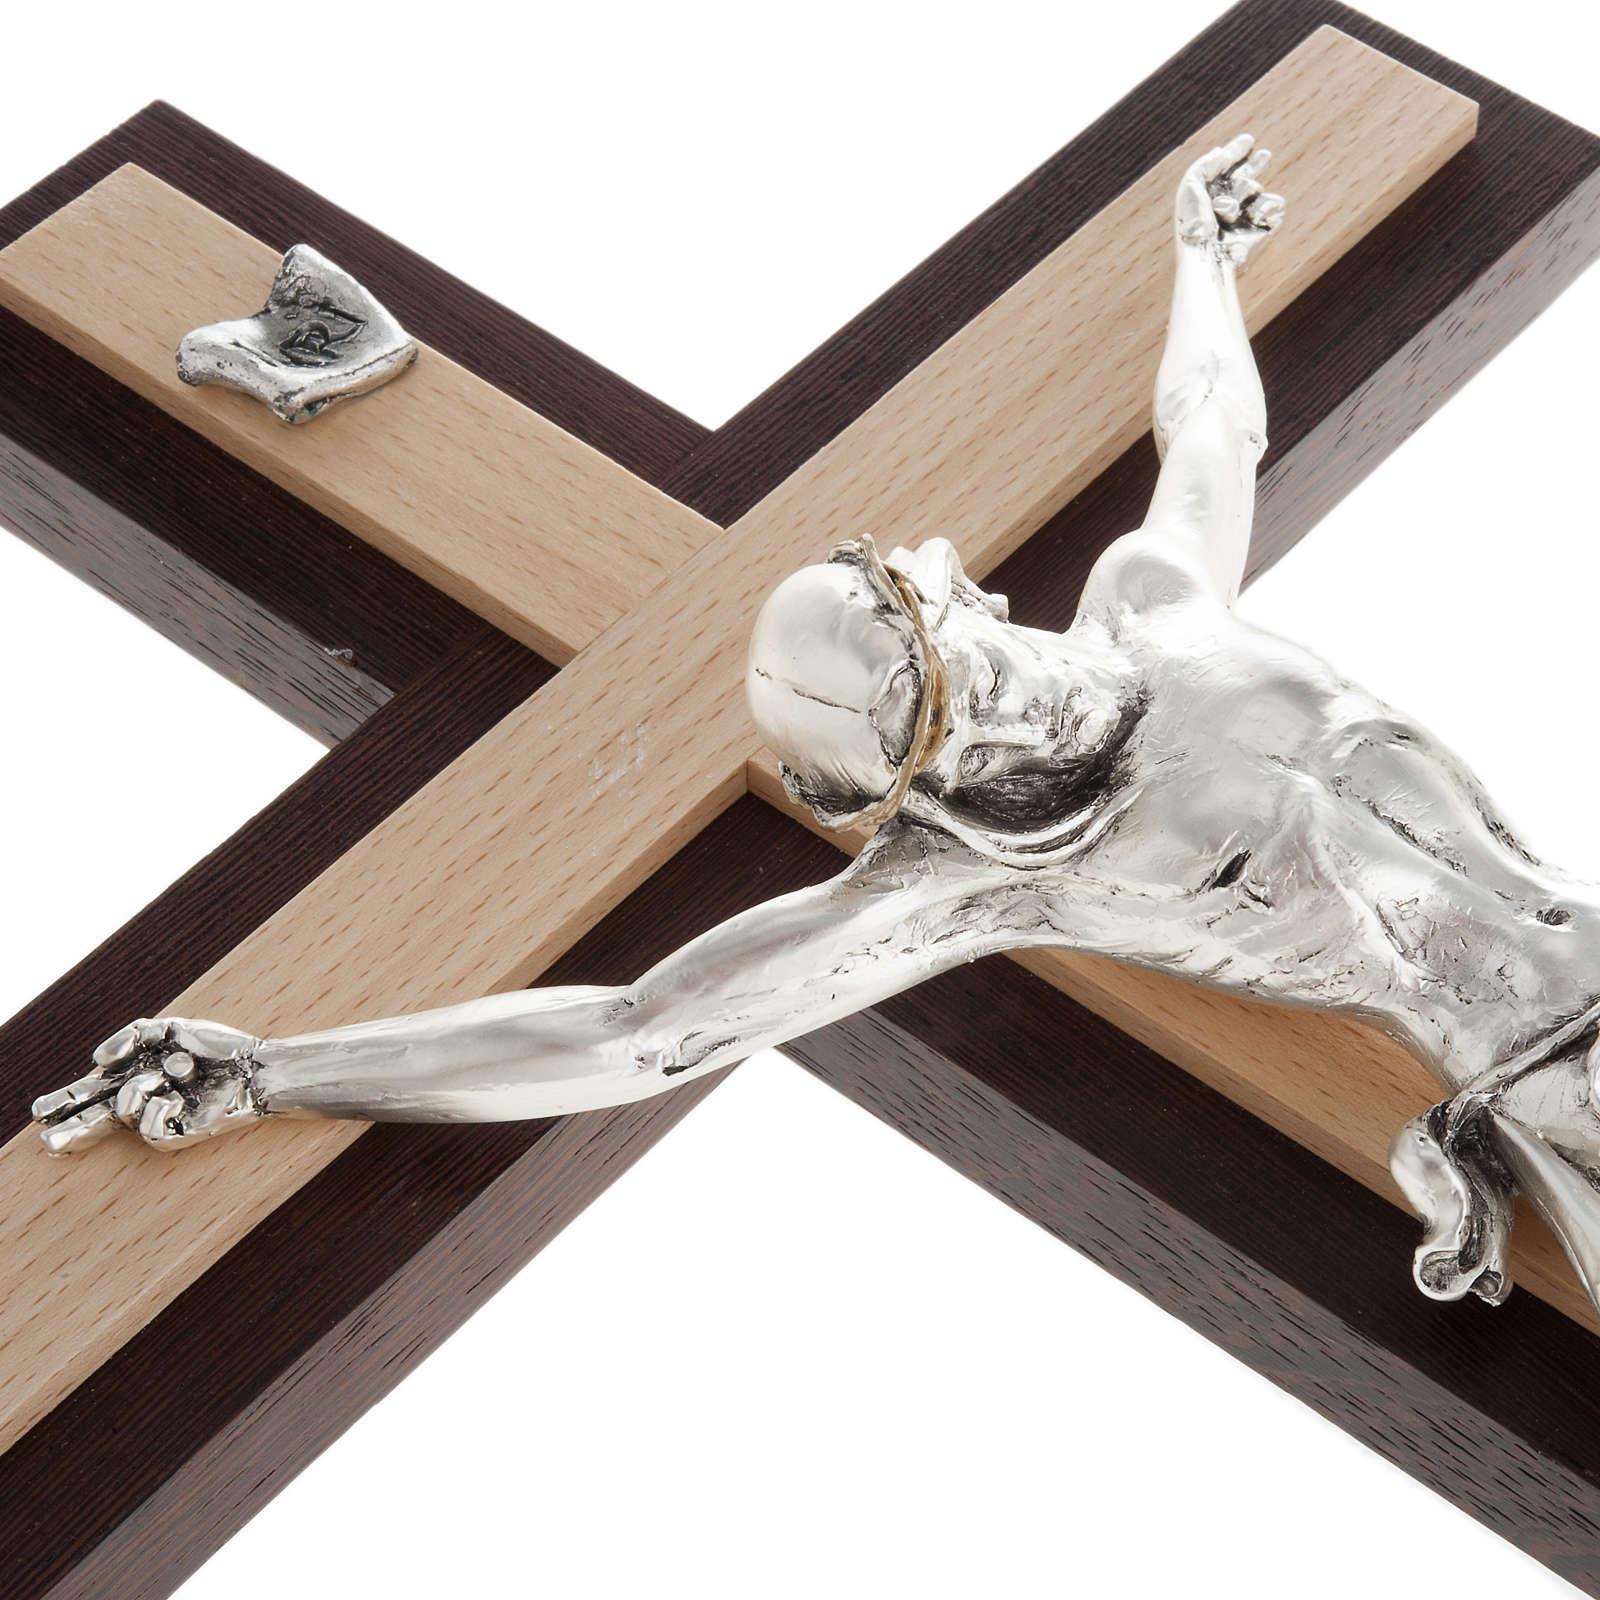 Crocifisso wengè e faggio corpo metallo argentato 4